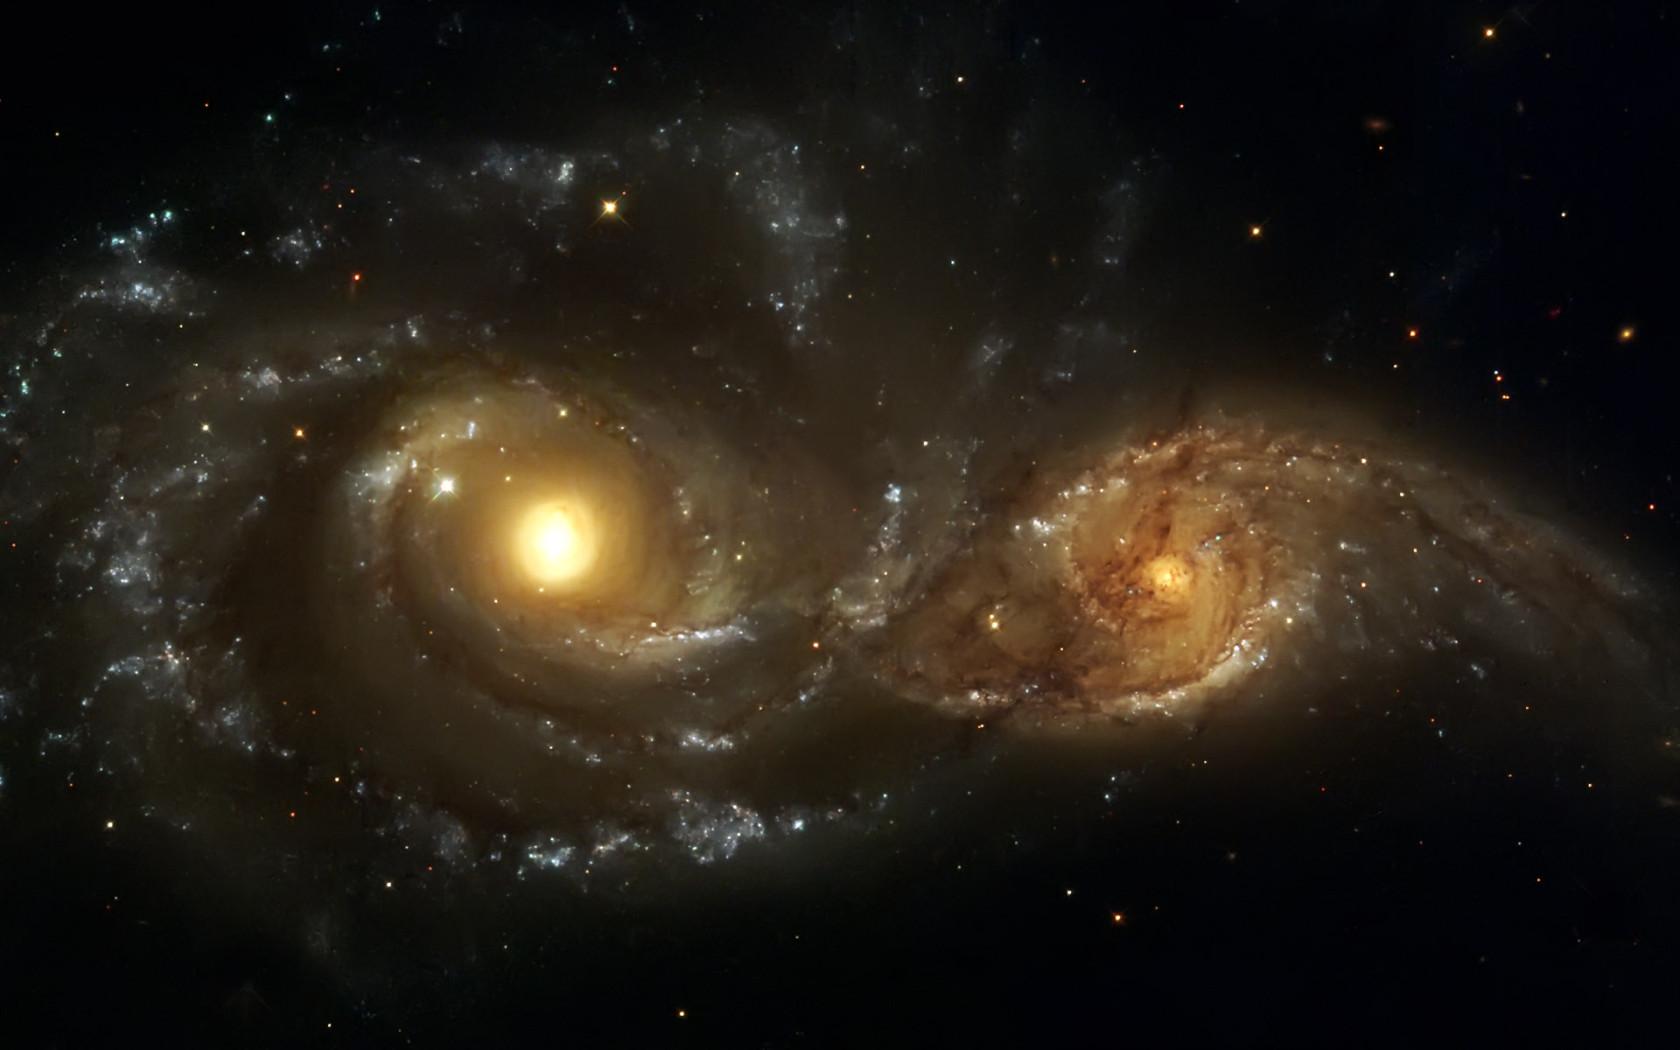 Deep space Desktop wallpapers 1680x1050 1680x1050